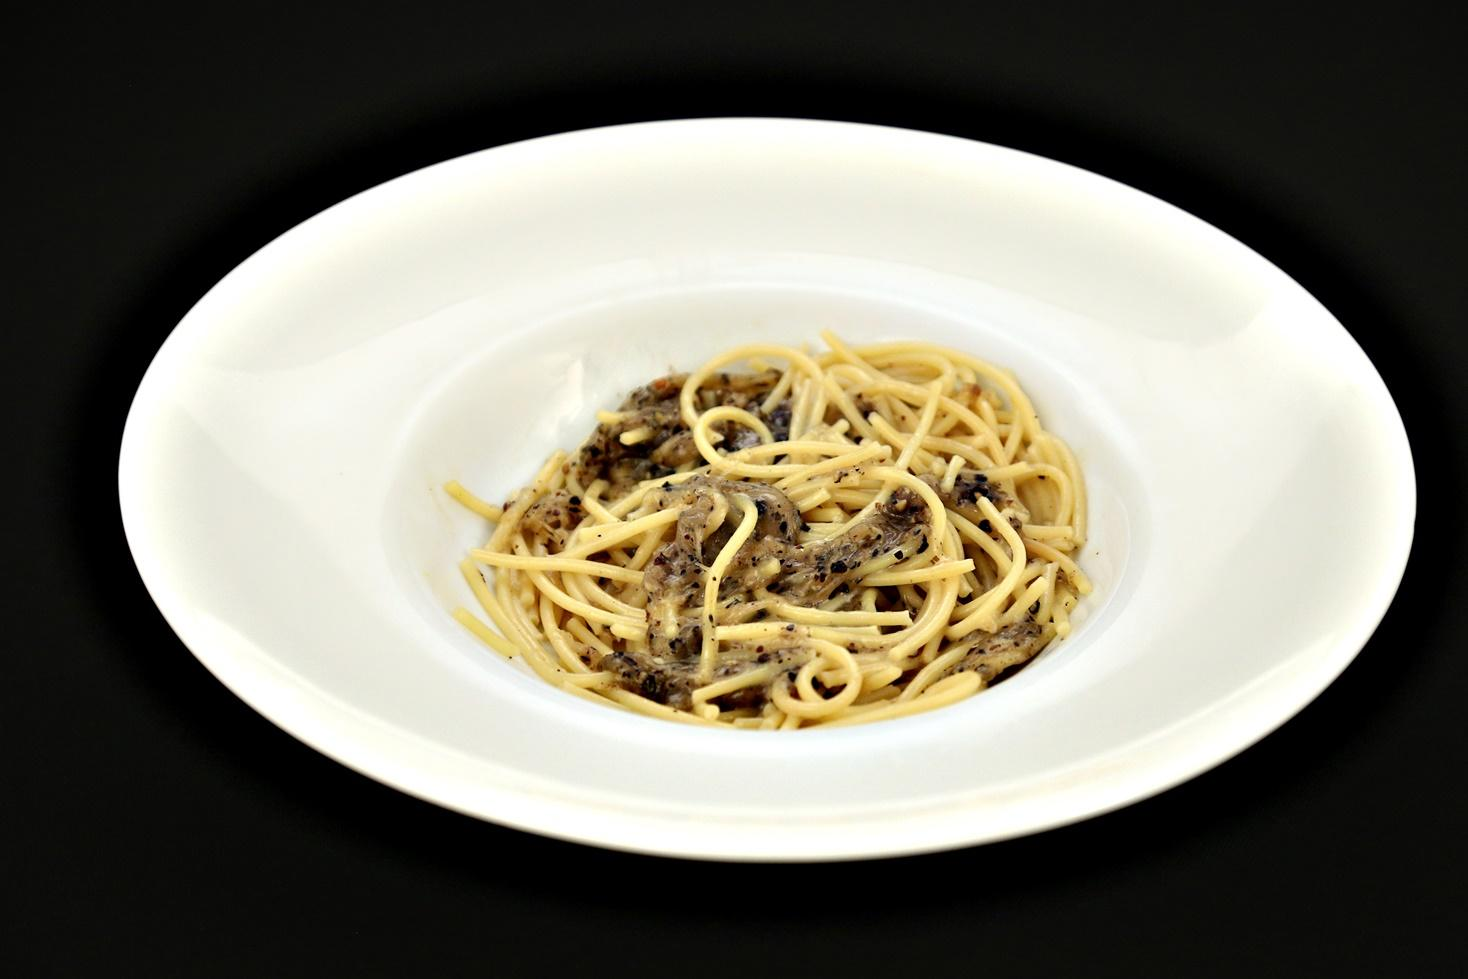 Rețetă italiană de paste cu brânză și piper. Rețeta Spaghetti cacio e pepe